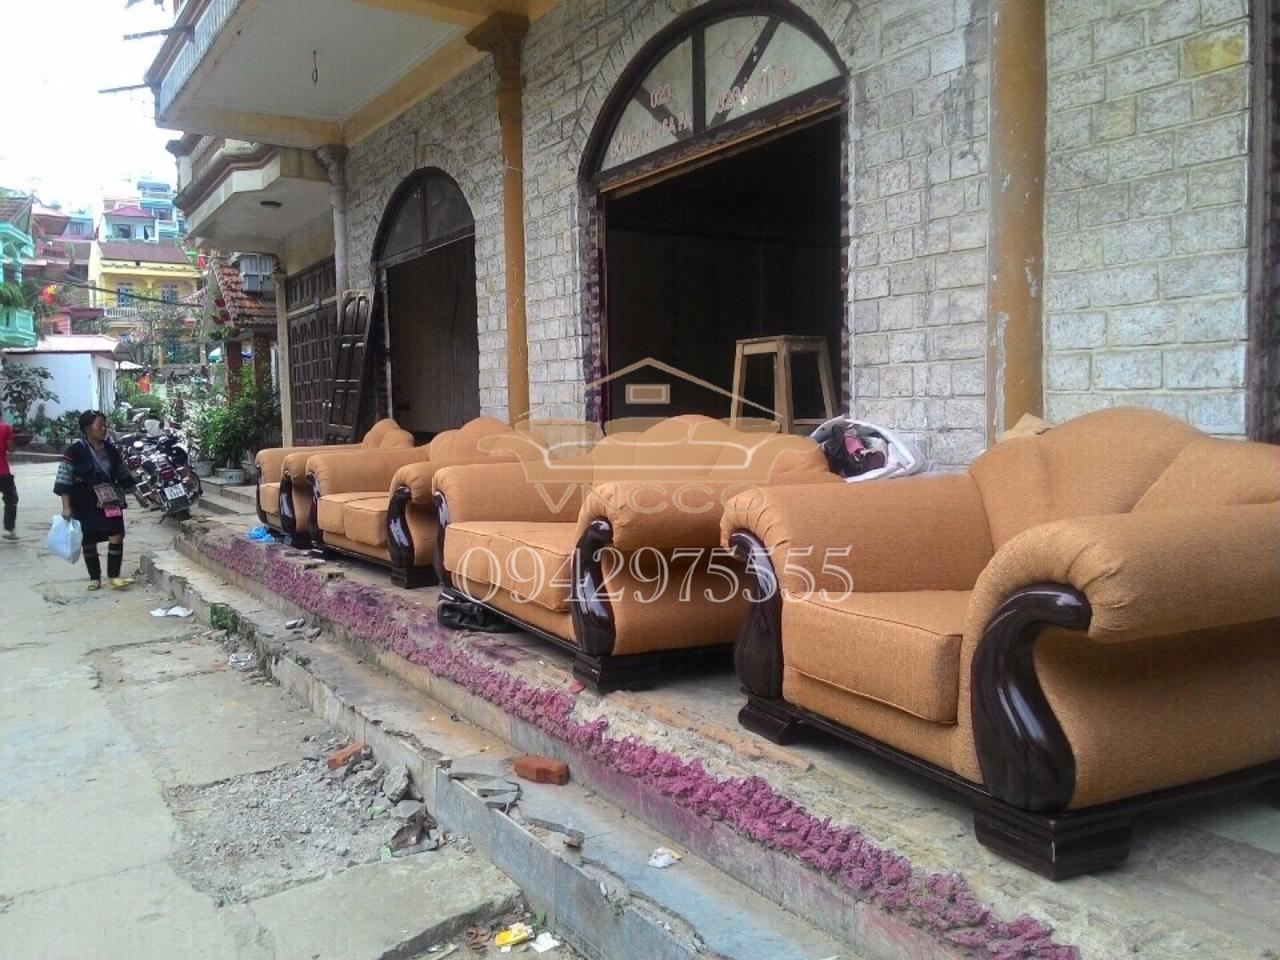 Dịch Vụ Bọc Lại Ghế Sofa Góc Chuyên Nghiệp Tại Quận Thanh Xuân - Hà Nội